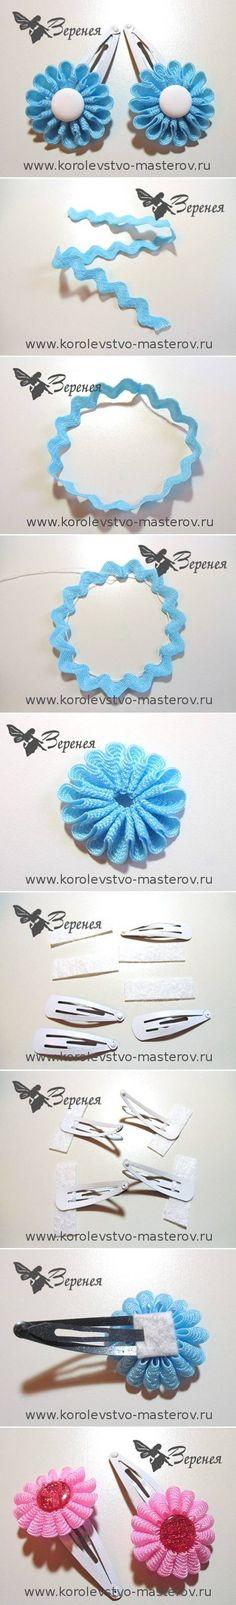 DIY Braid Flower DIY Braid Flower